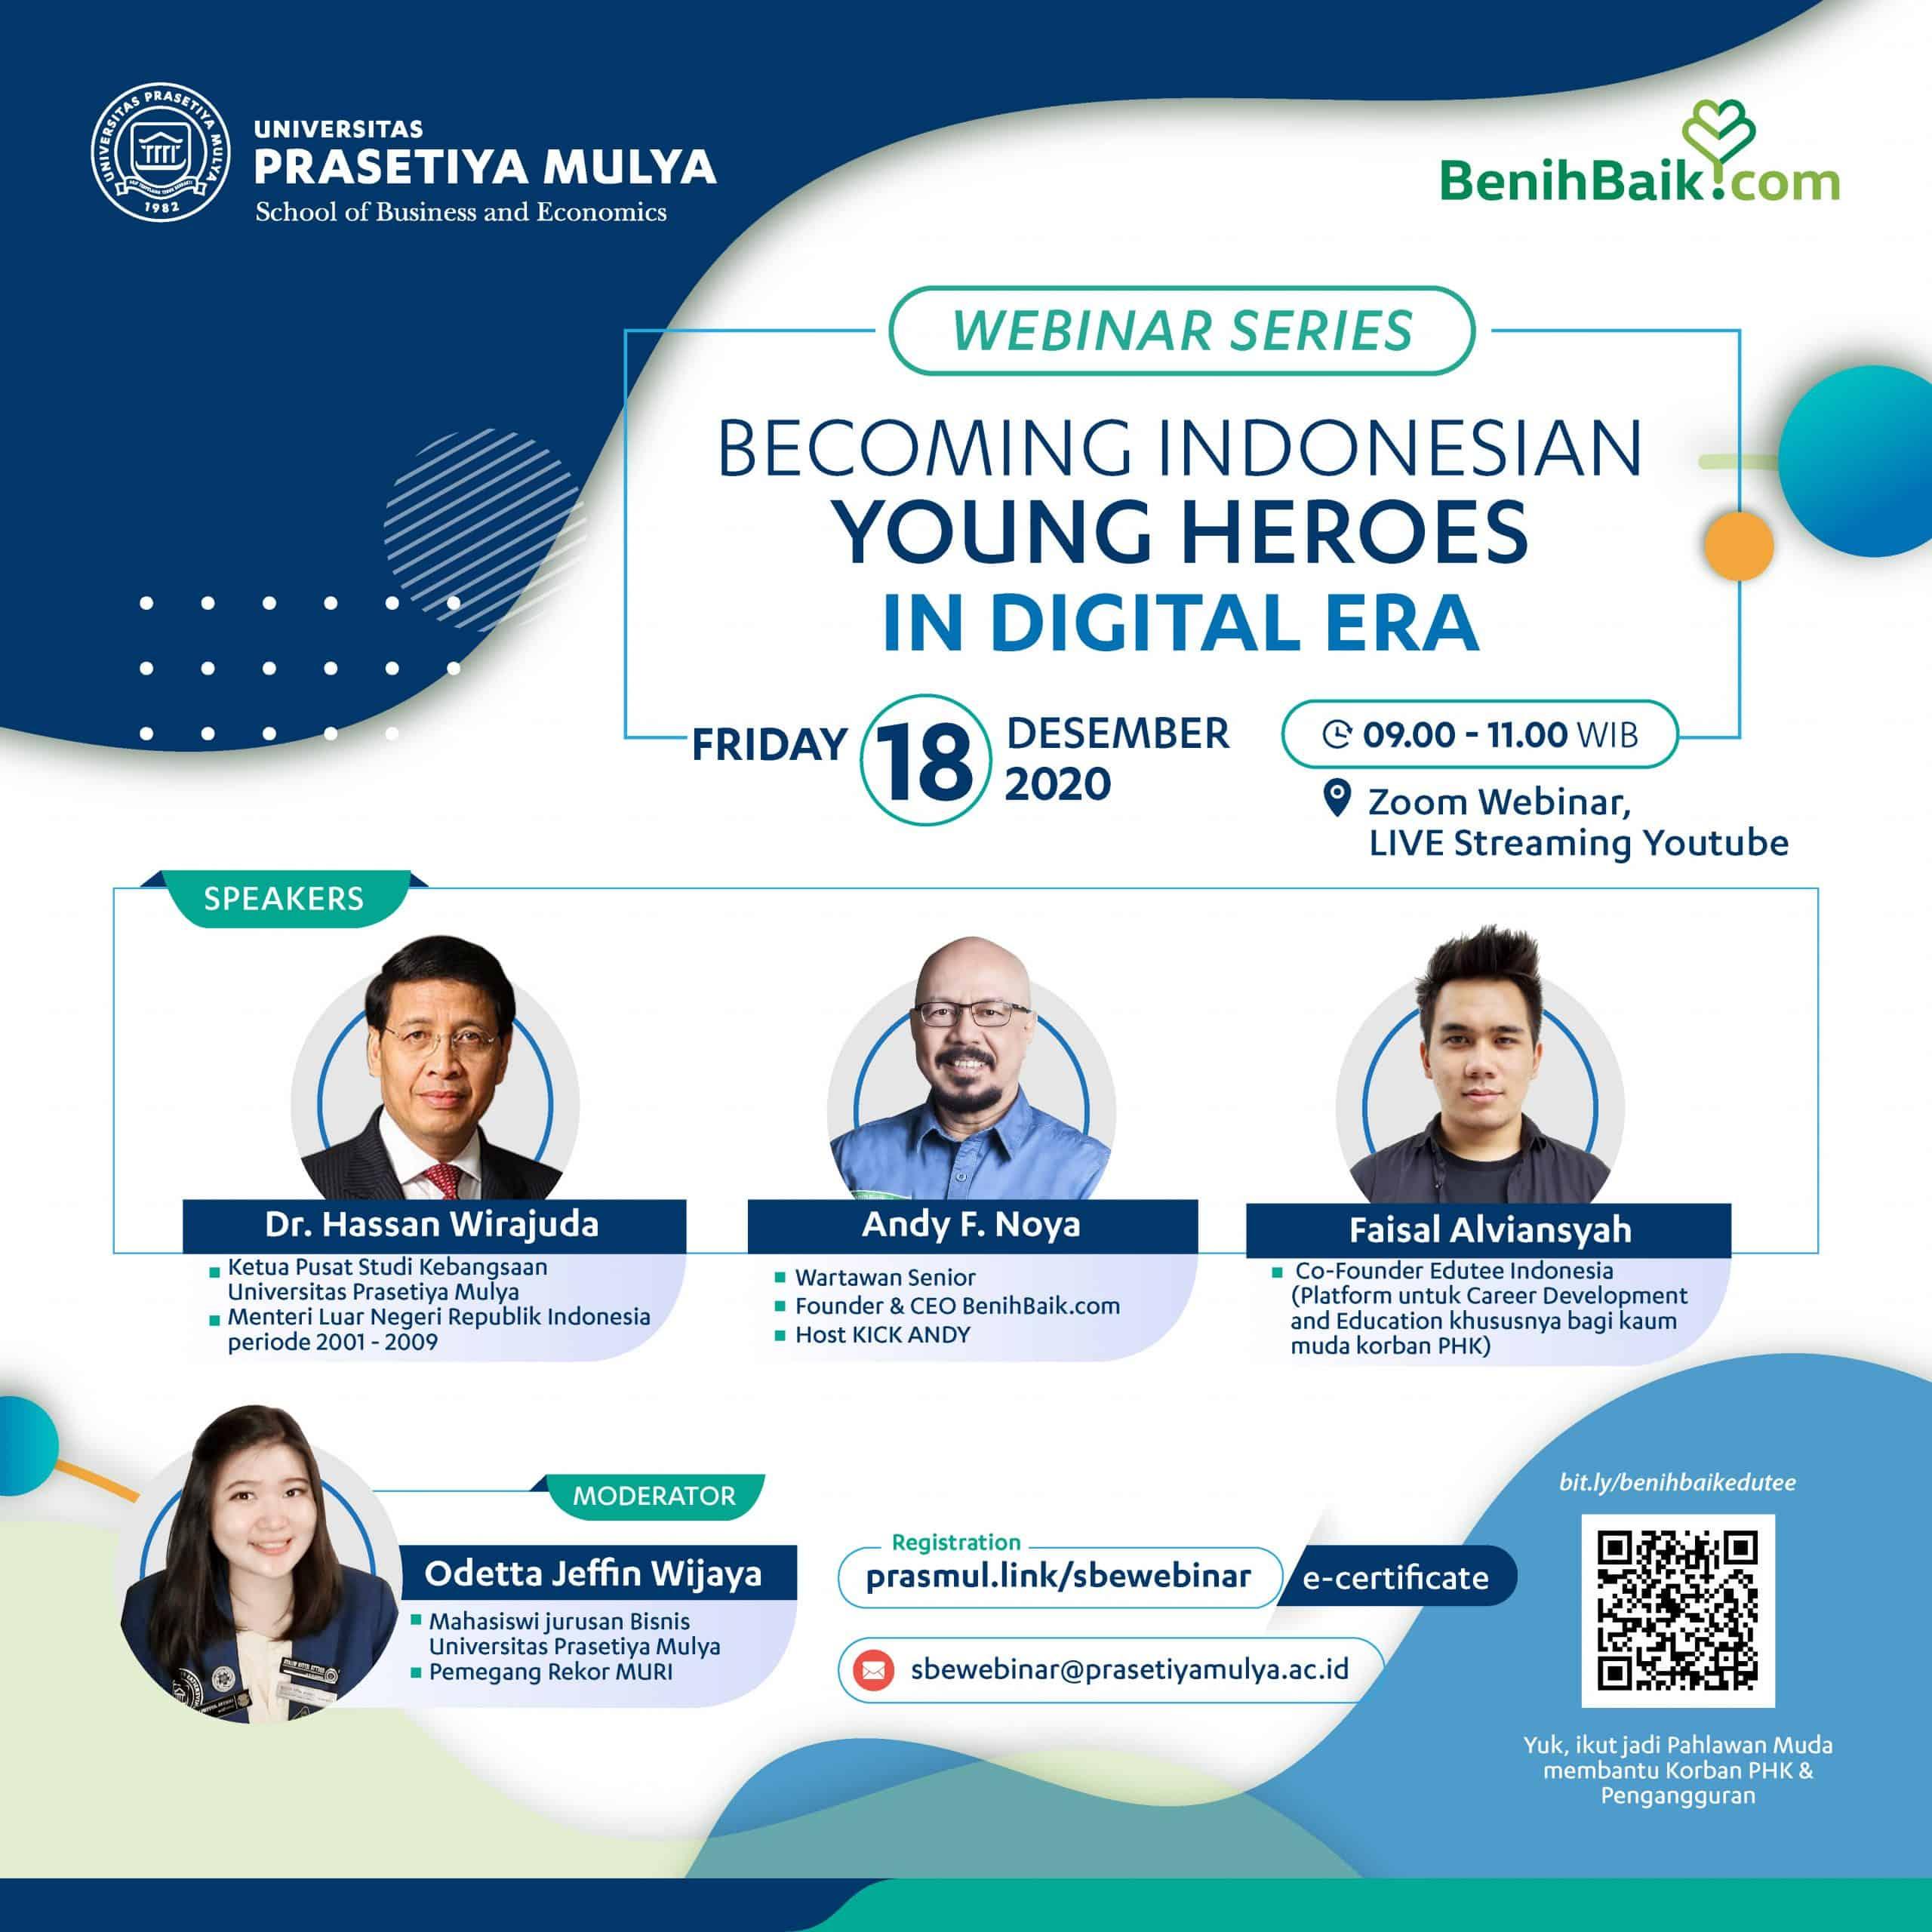 IG post Webinar Series Becoming Indonesian Young Heroes in Digital Era oleh benih baik dan universitas prasetiya mulya